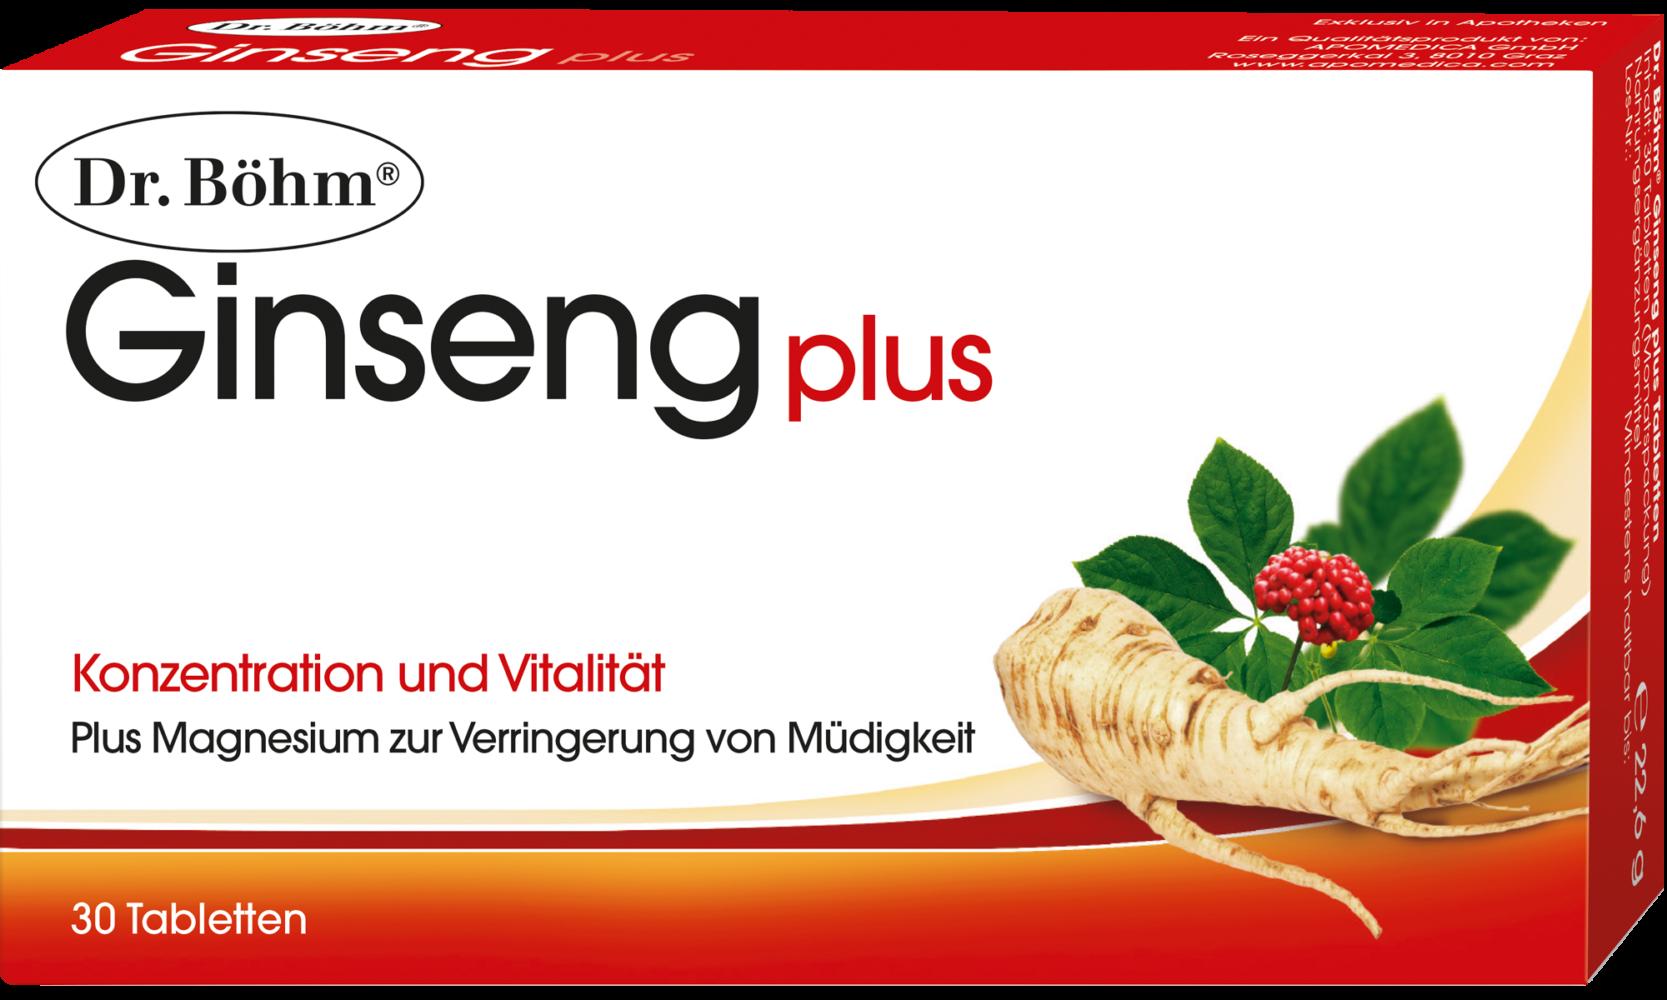 Dr. Böhm® Ginseng plus Tabletten